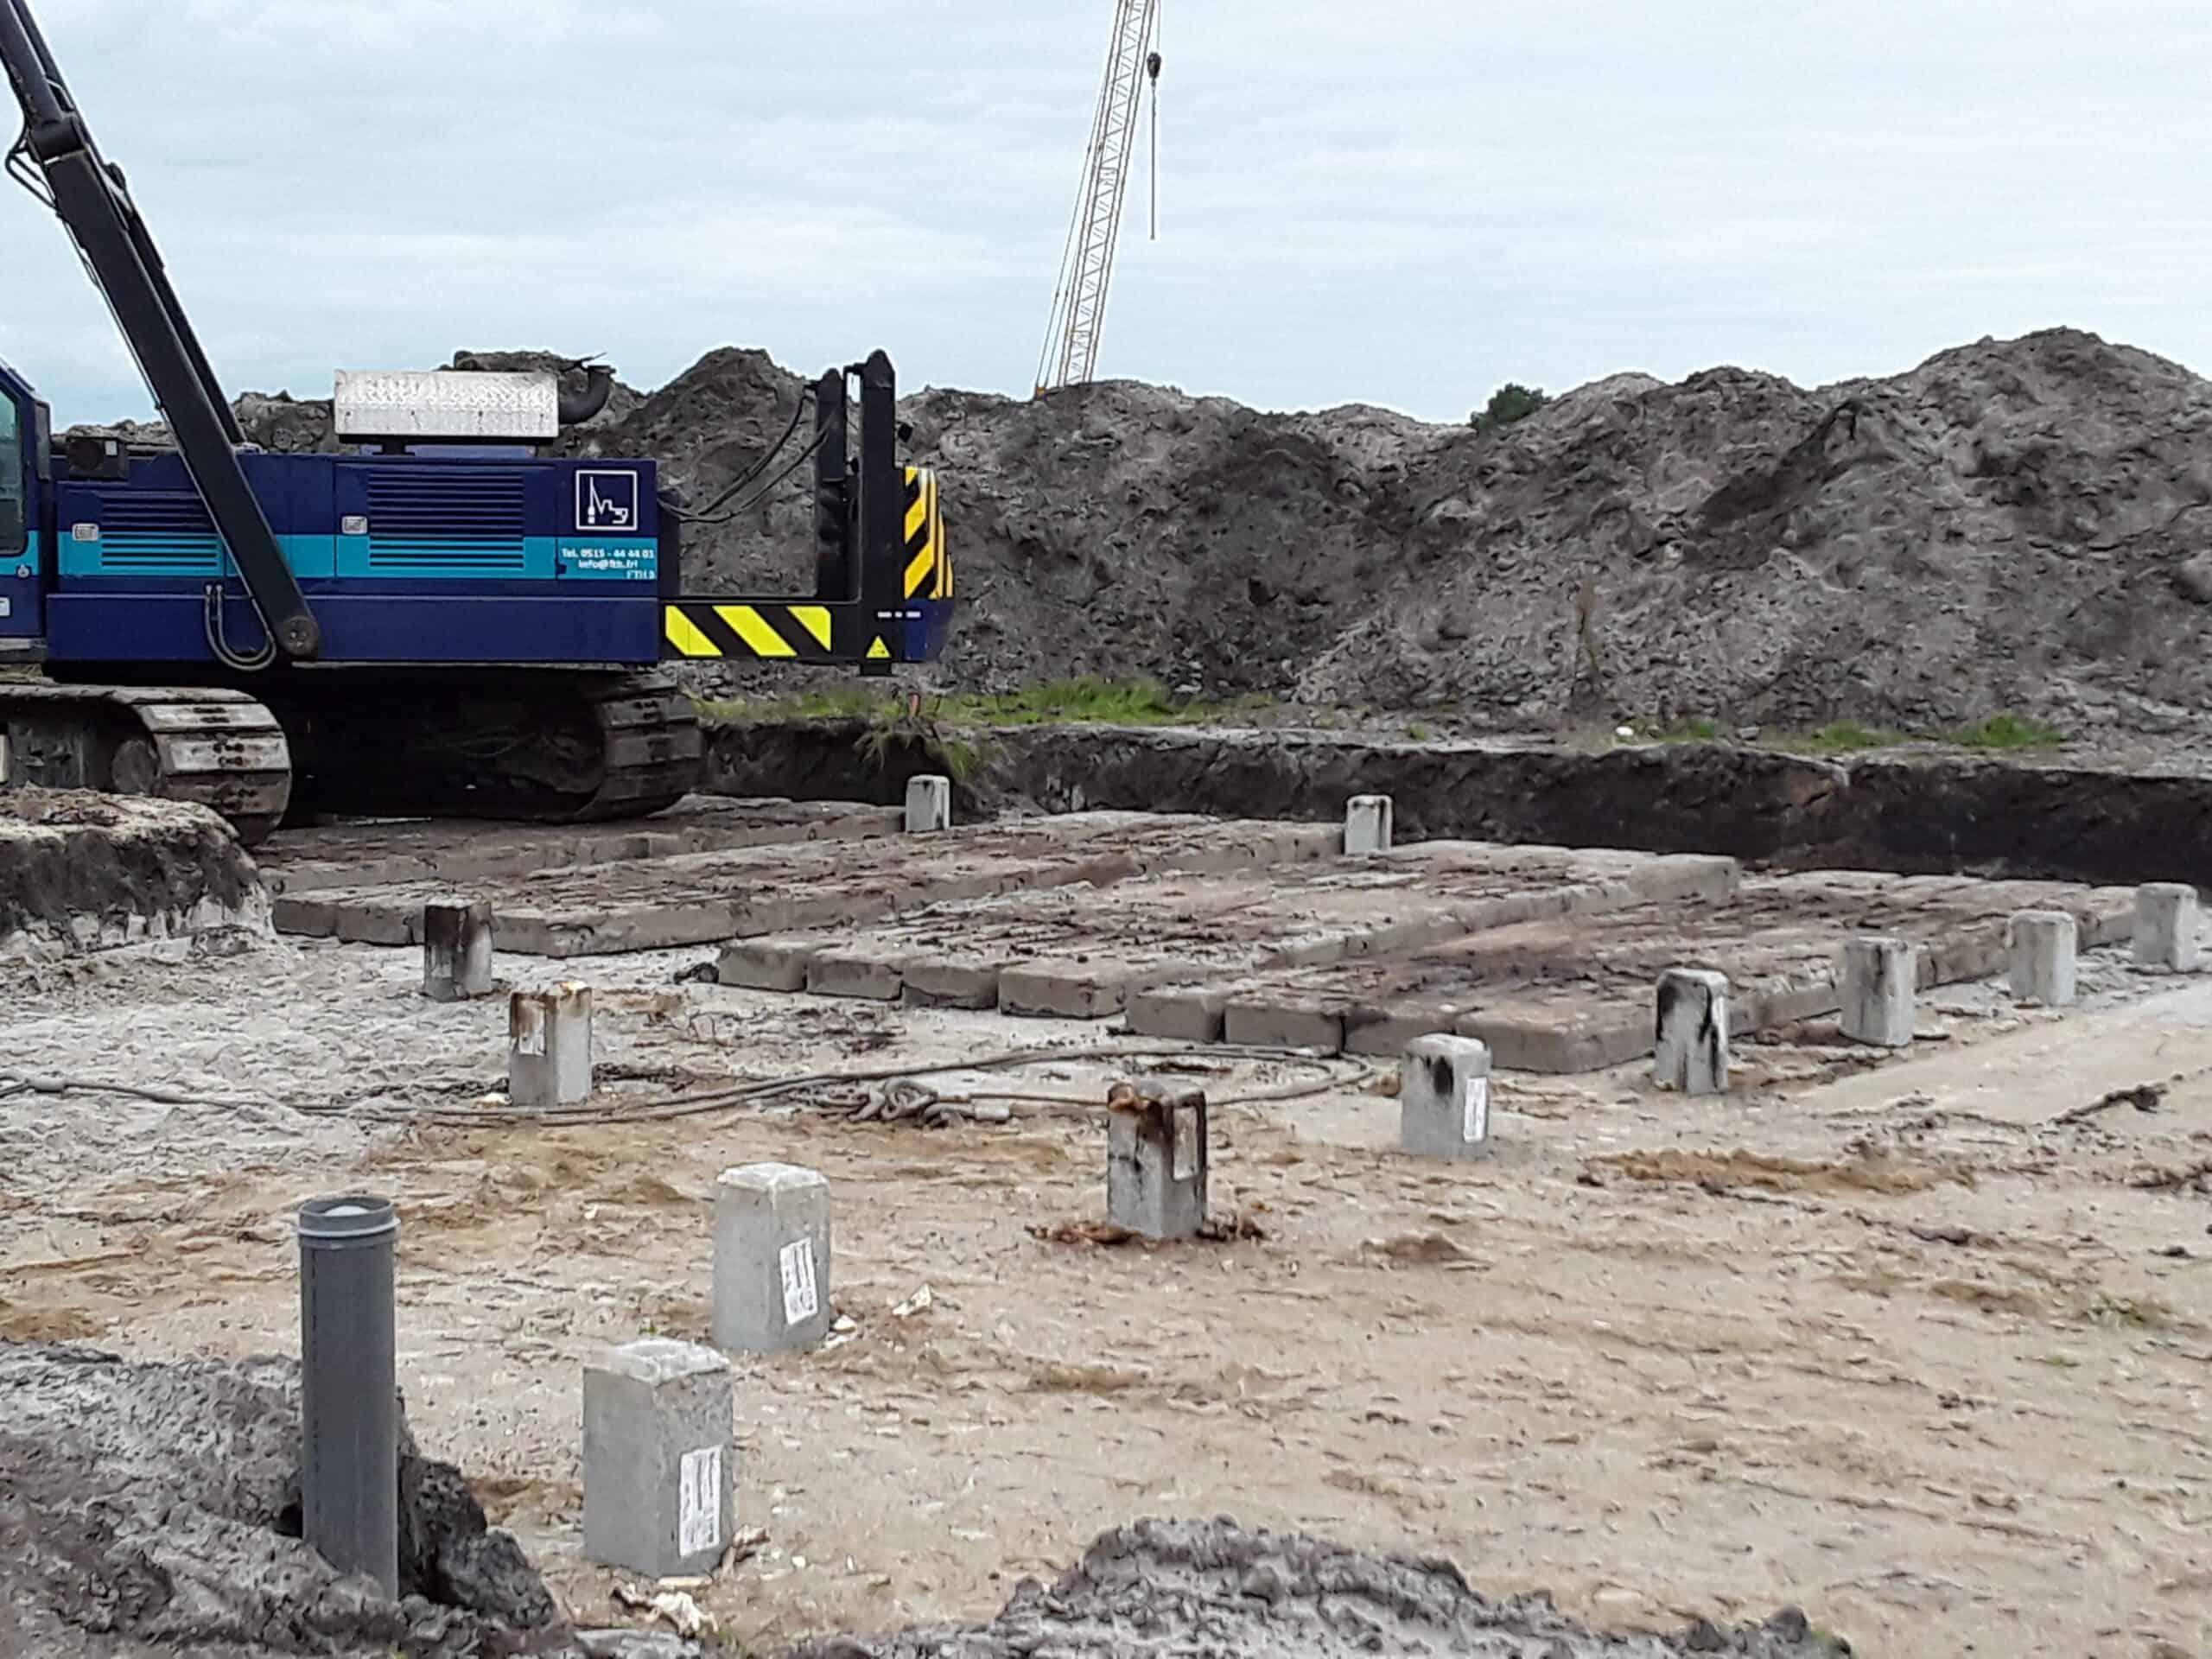 zware draglineschotten onder heistelling in de bouwput